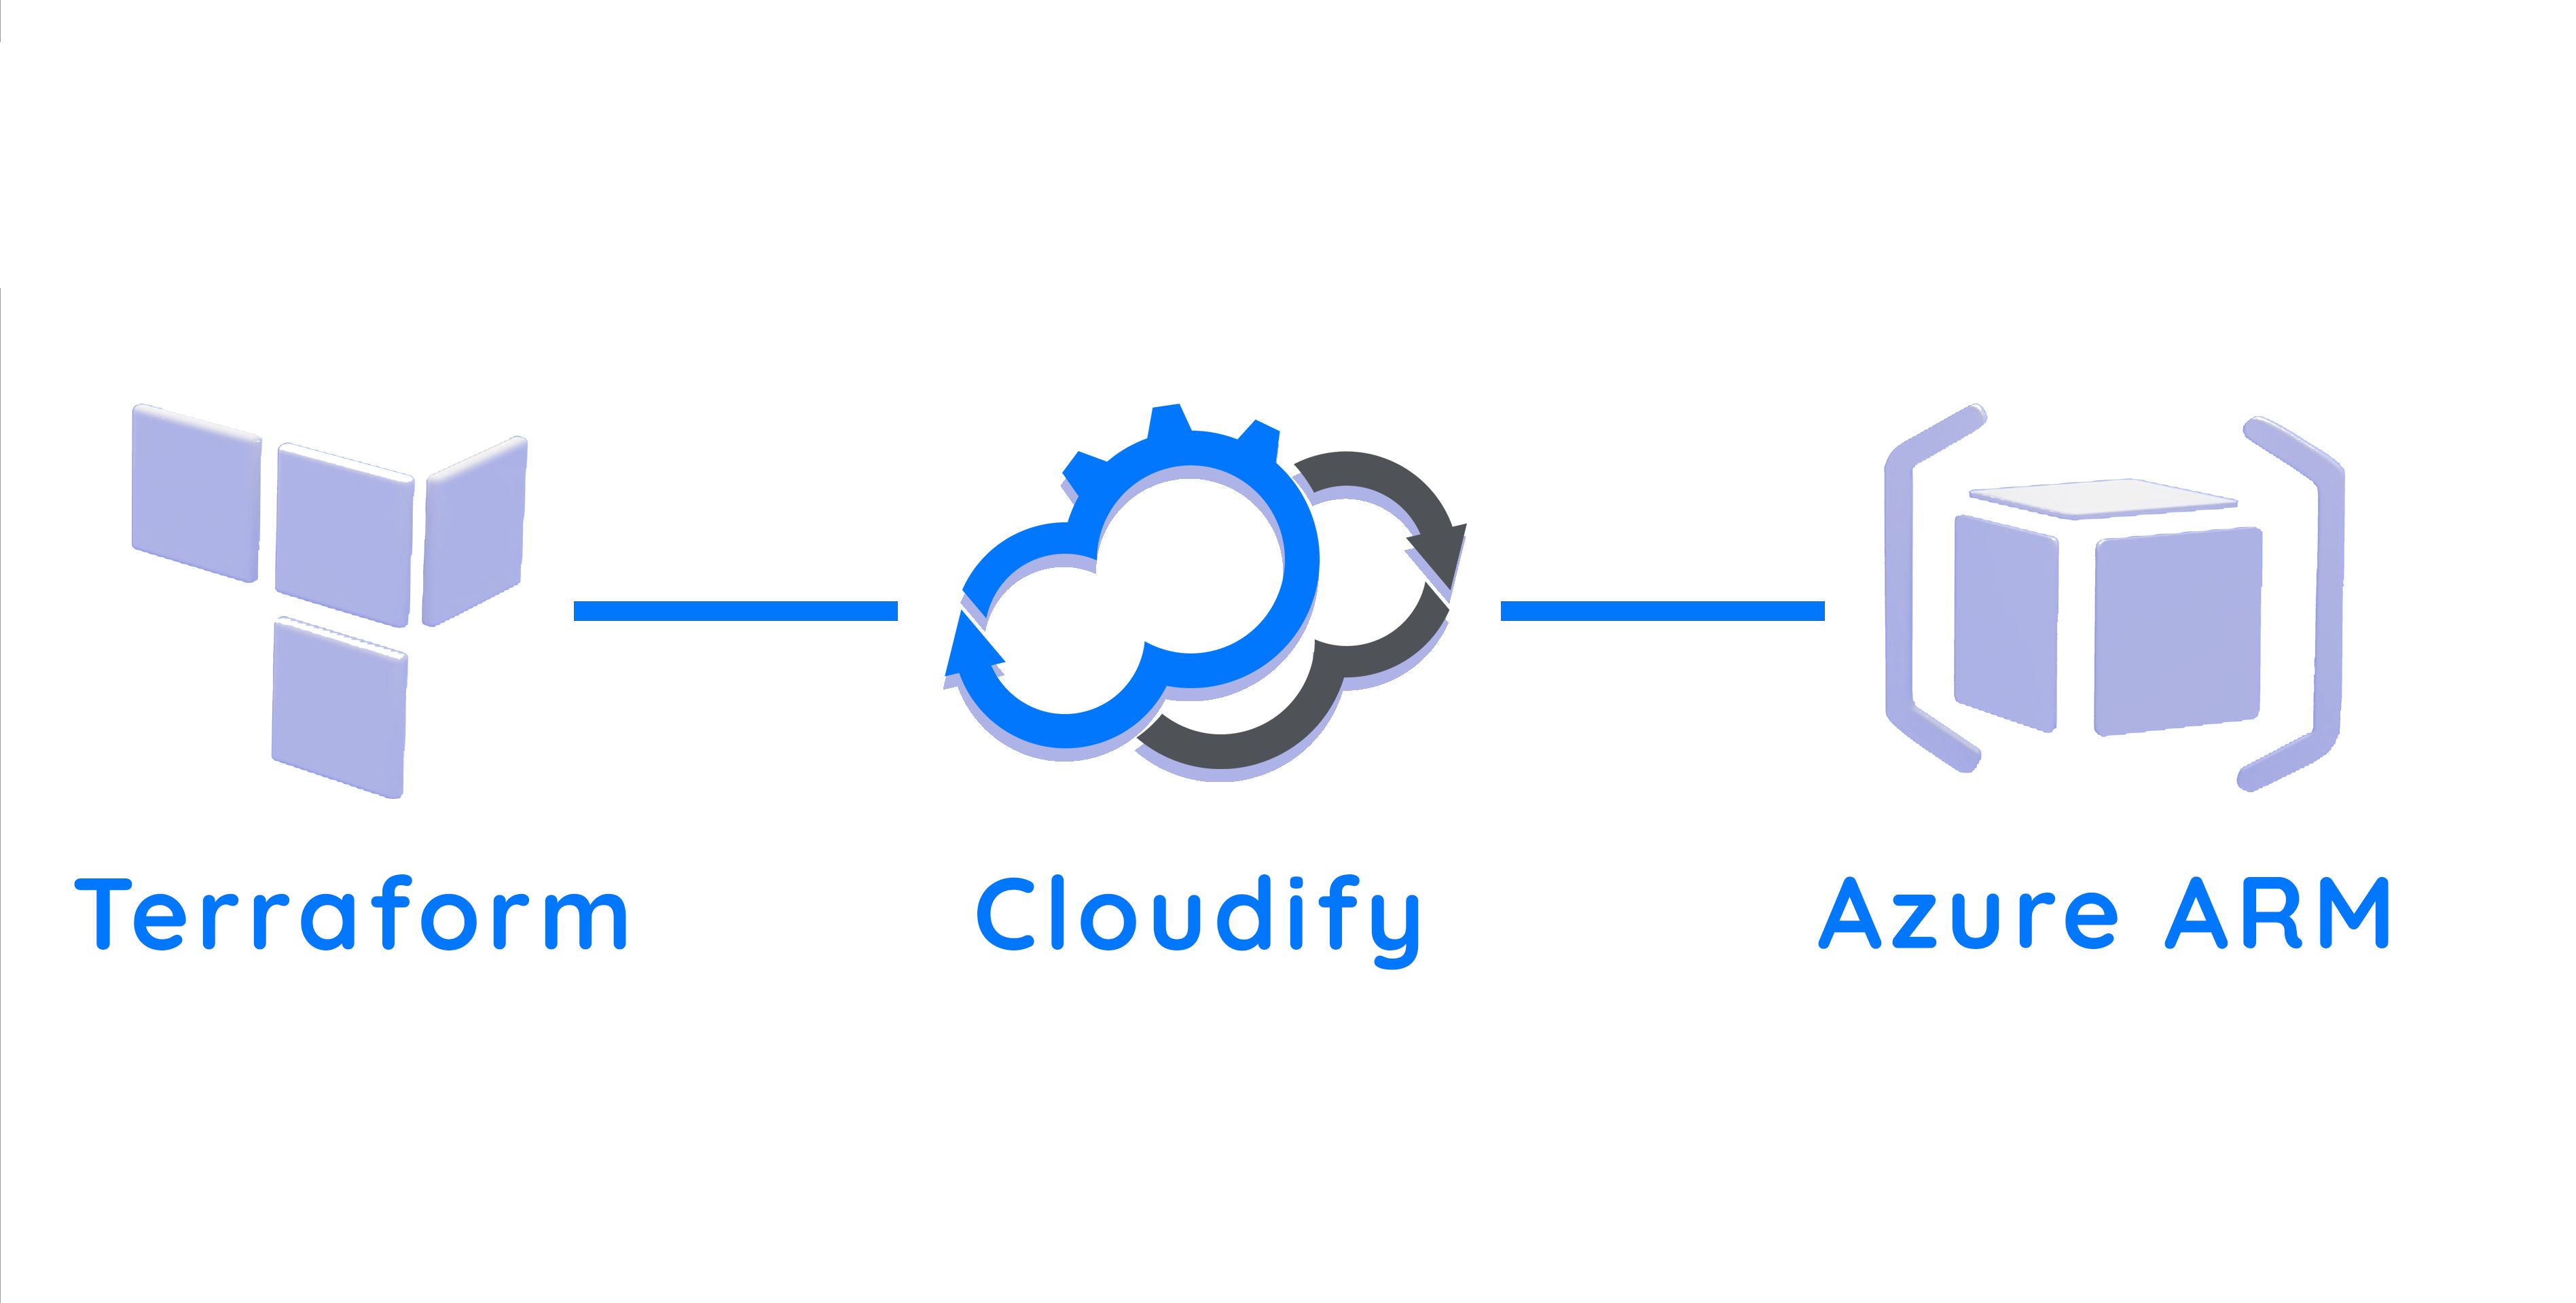 cloudify terraform azure